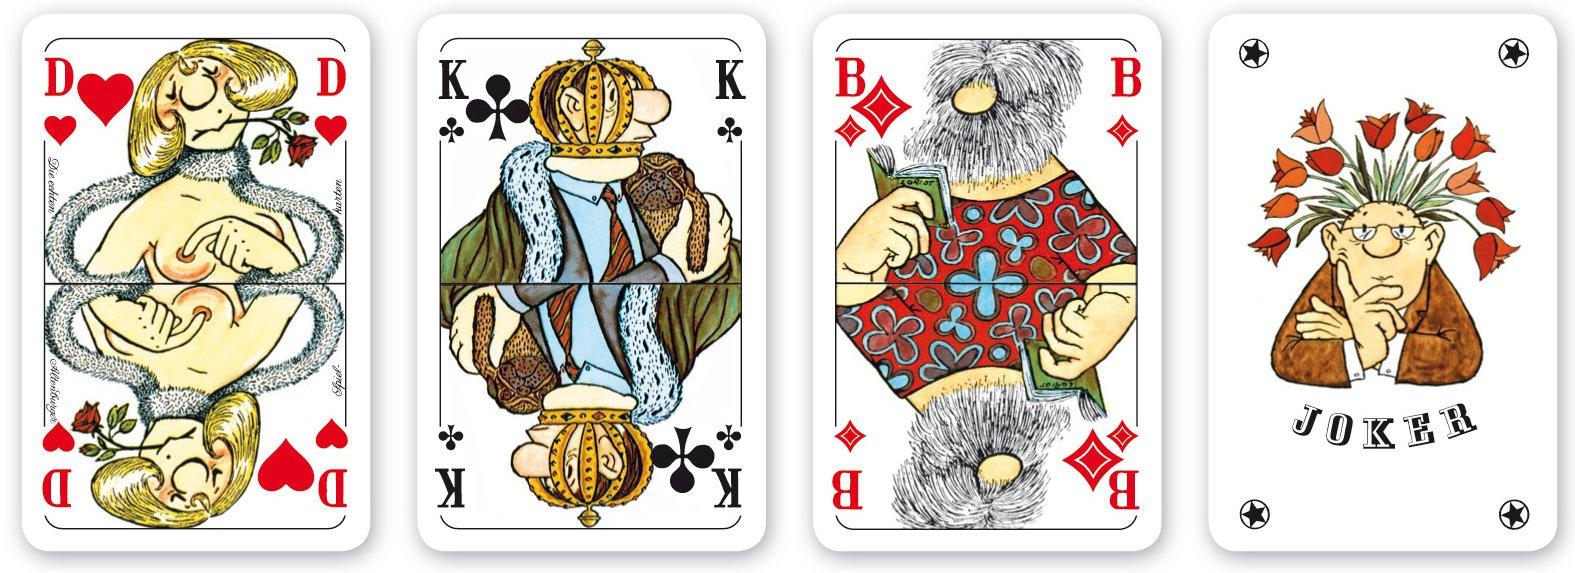 spiel die sch nsten kartenspiele der welt mit karten von loriot 2 x 52 blatt plus 6 joker. Black Bedroom Furniture Sets. Home Design Ideas